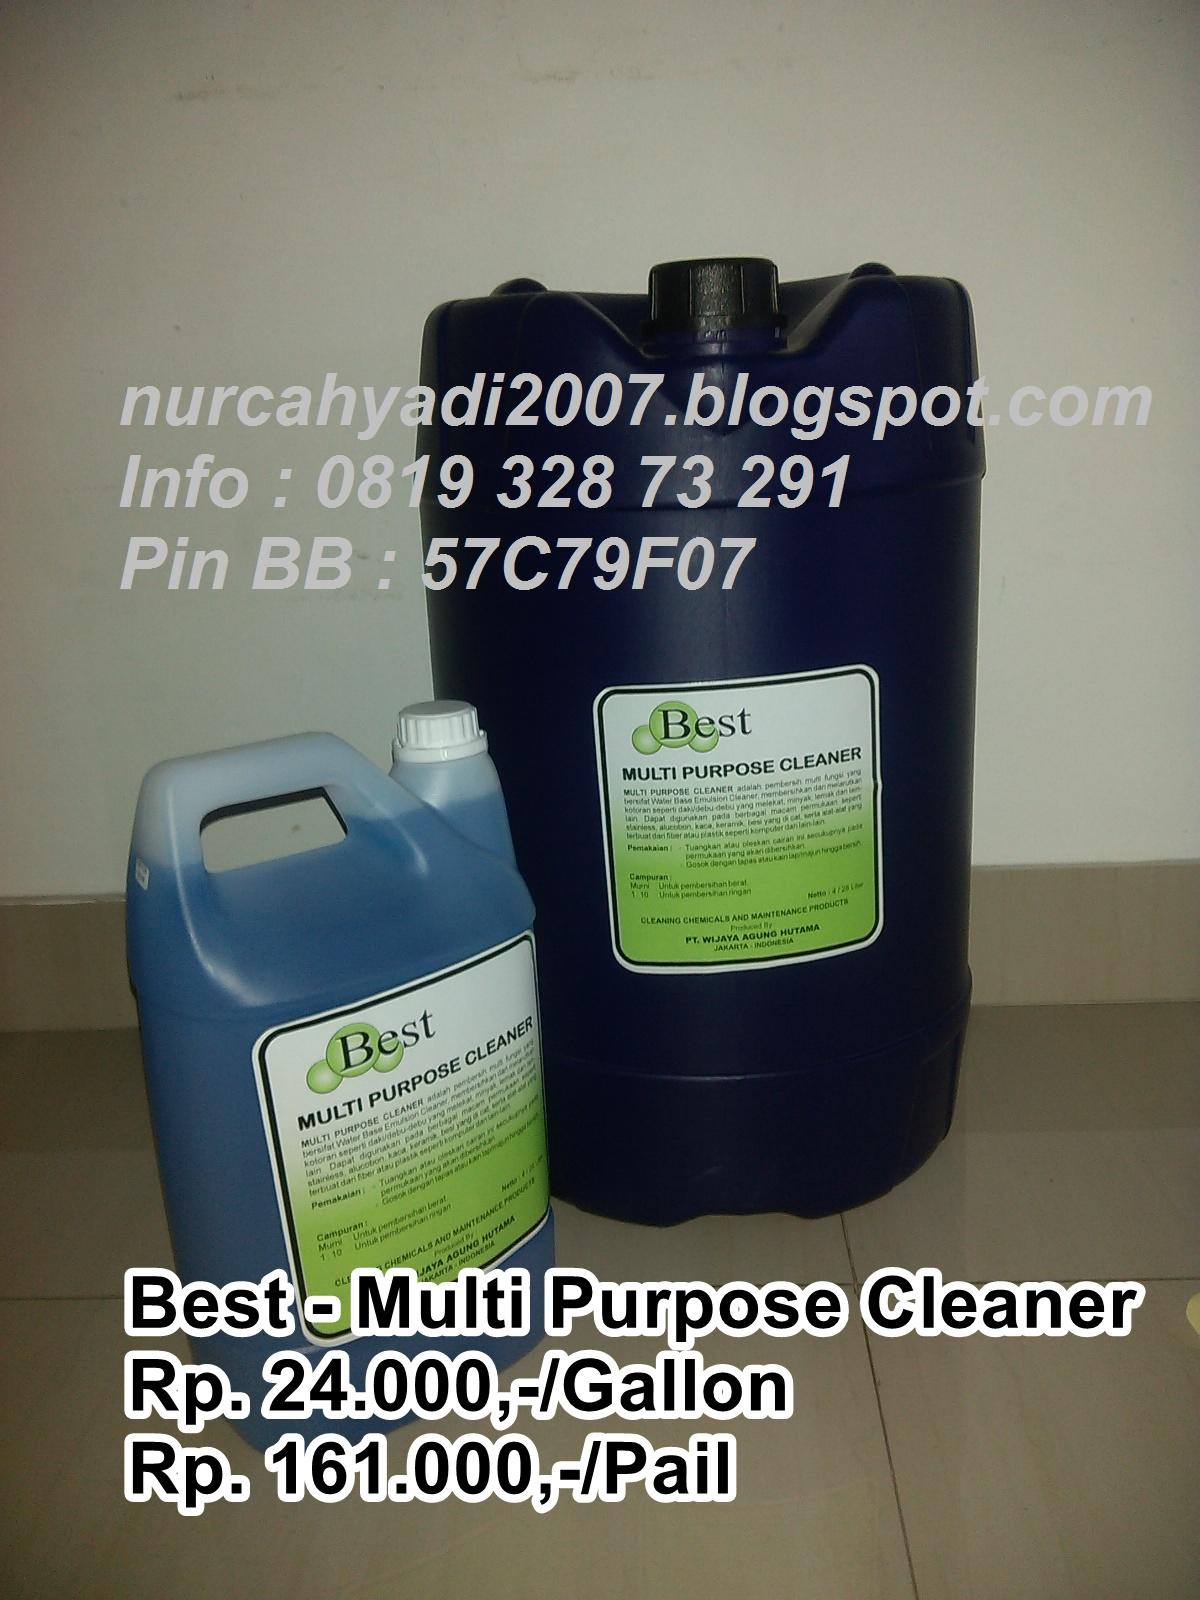 Best Chemicals Mpc Multi Purpose Cleaner